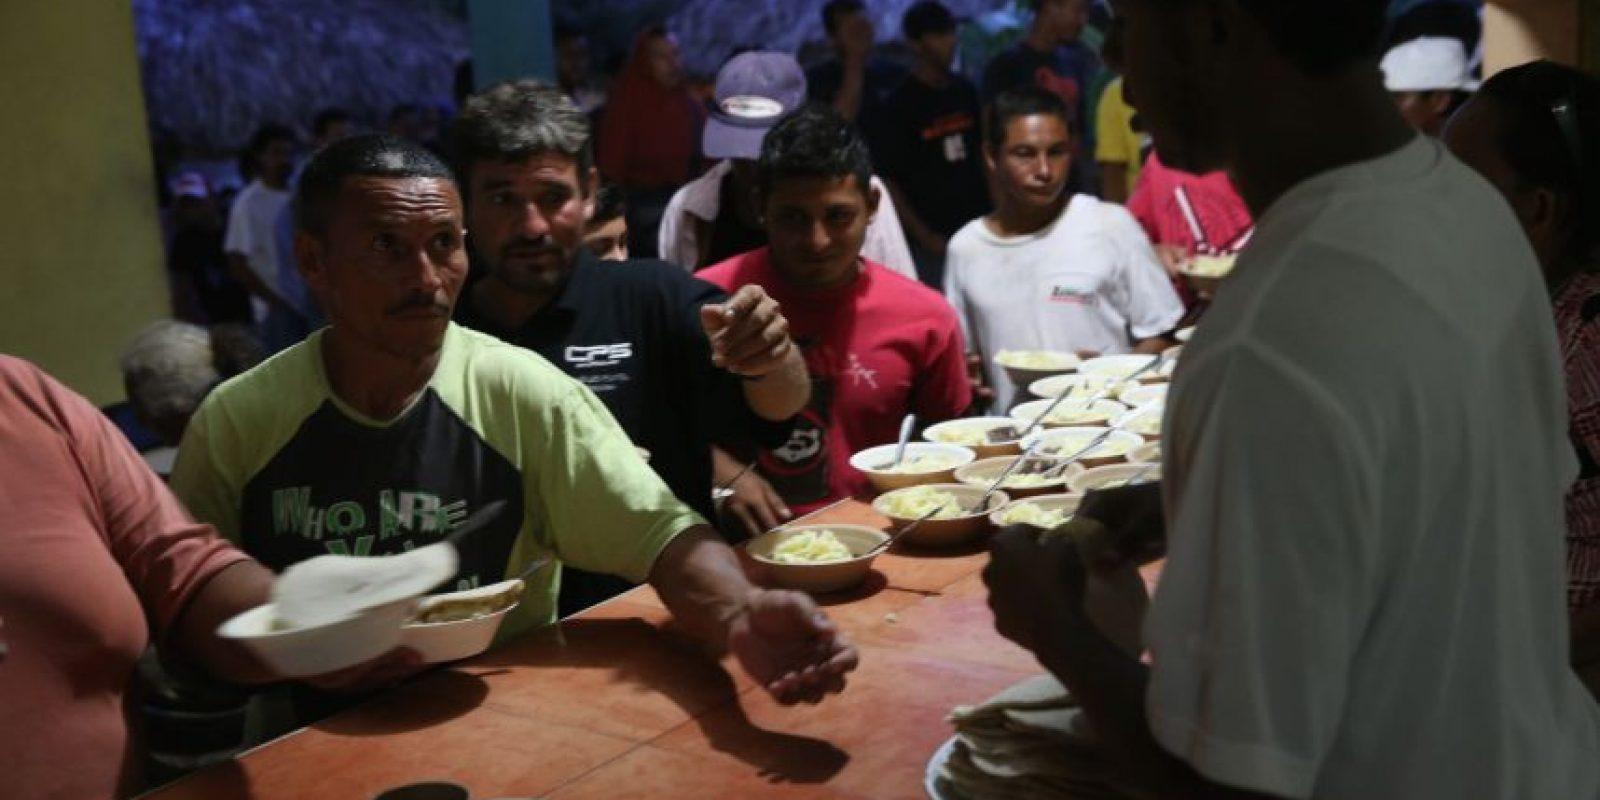 La comunidad internacional debe trabajar conjuntamente a efectos de cambiar la dialéctica migratoria vigente. Foto:Getty Images